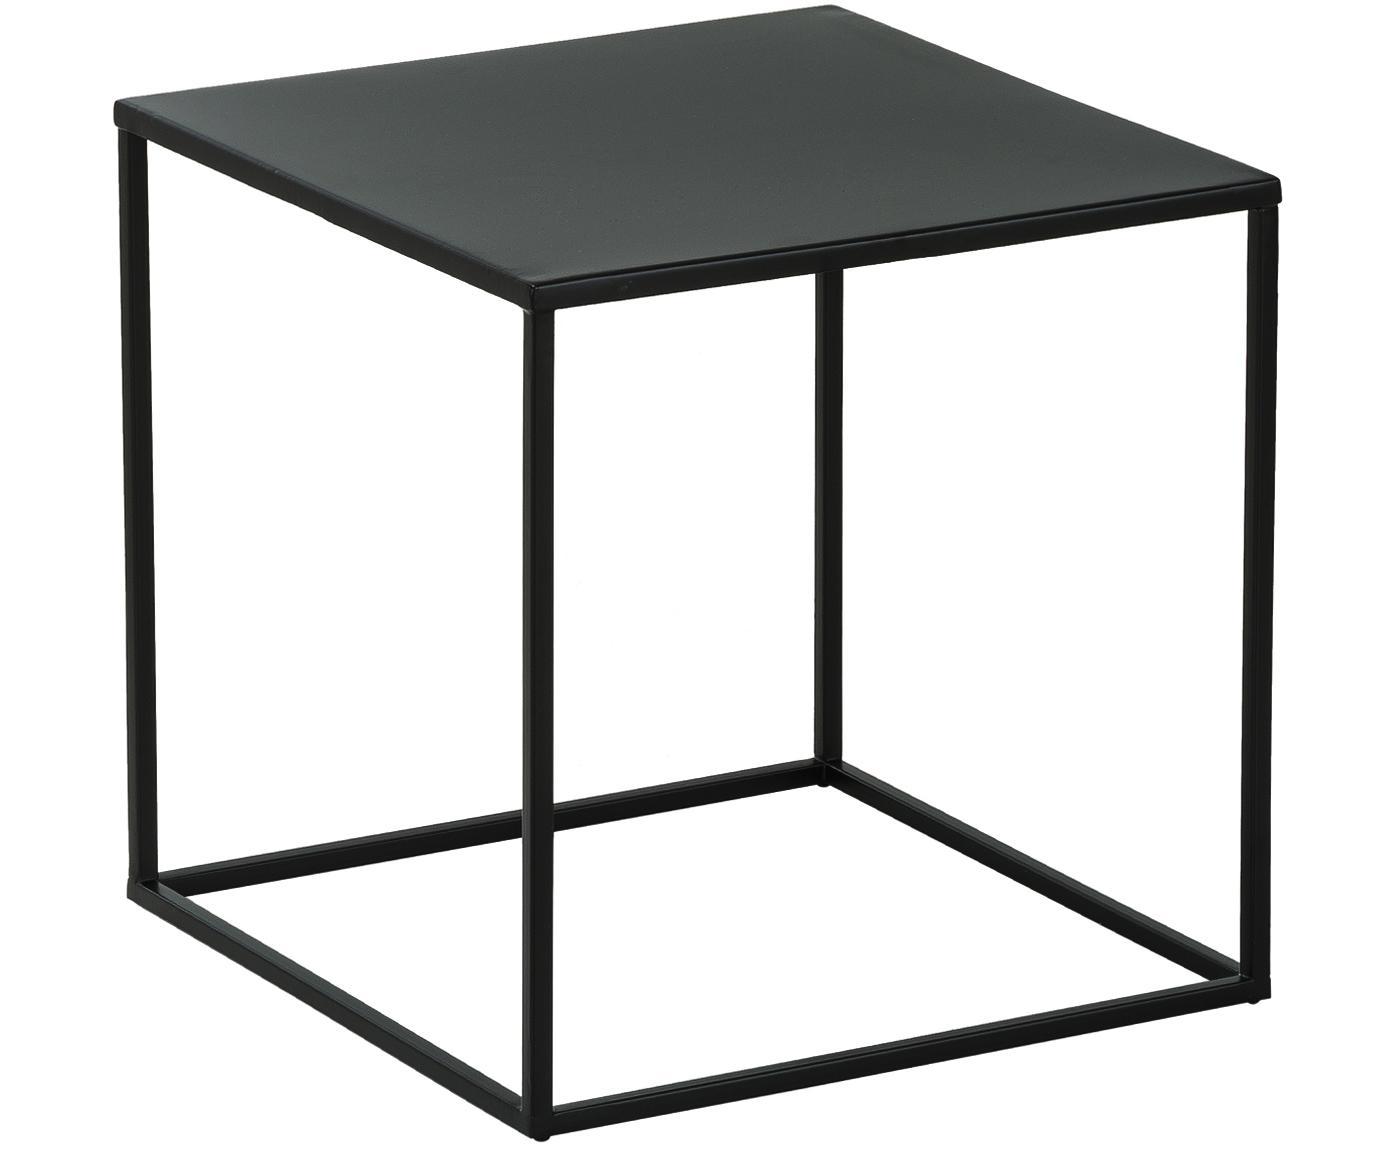 Bijzettafel Stina van metaal, Gepoedercoat metaal, Mat zwart, 45 x 45 cm